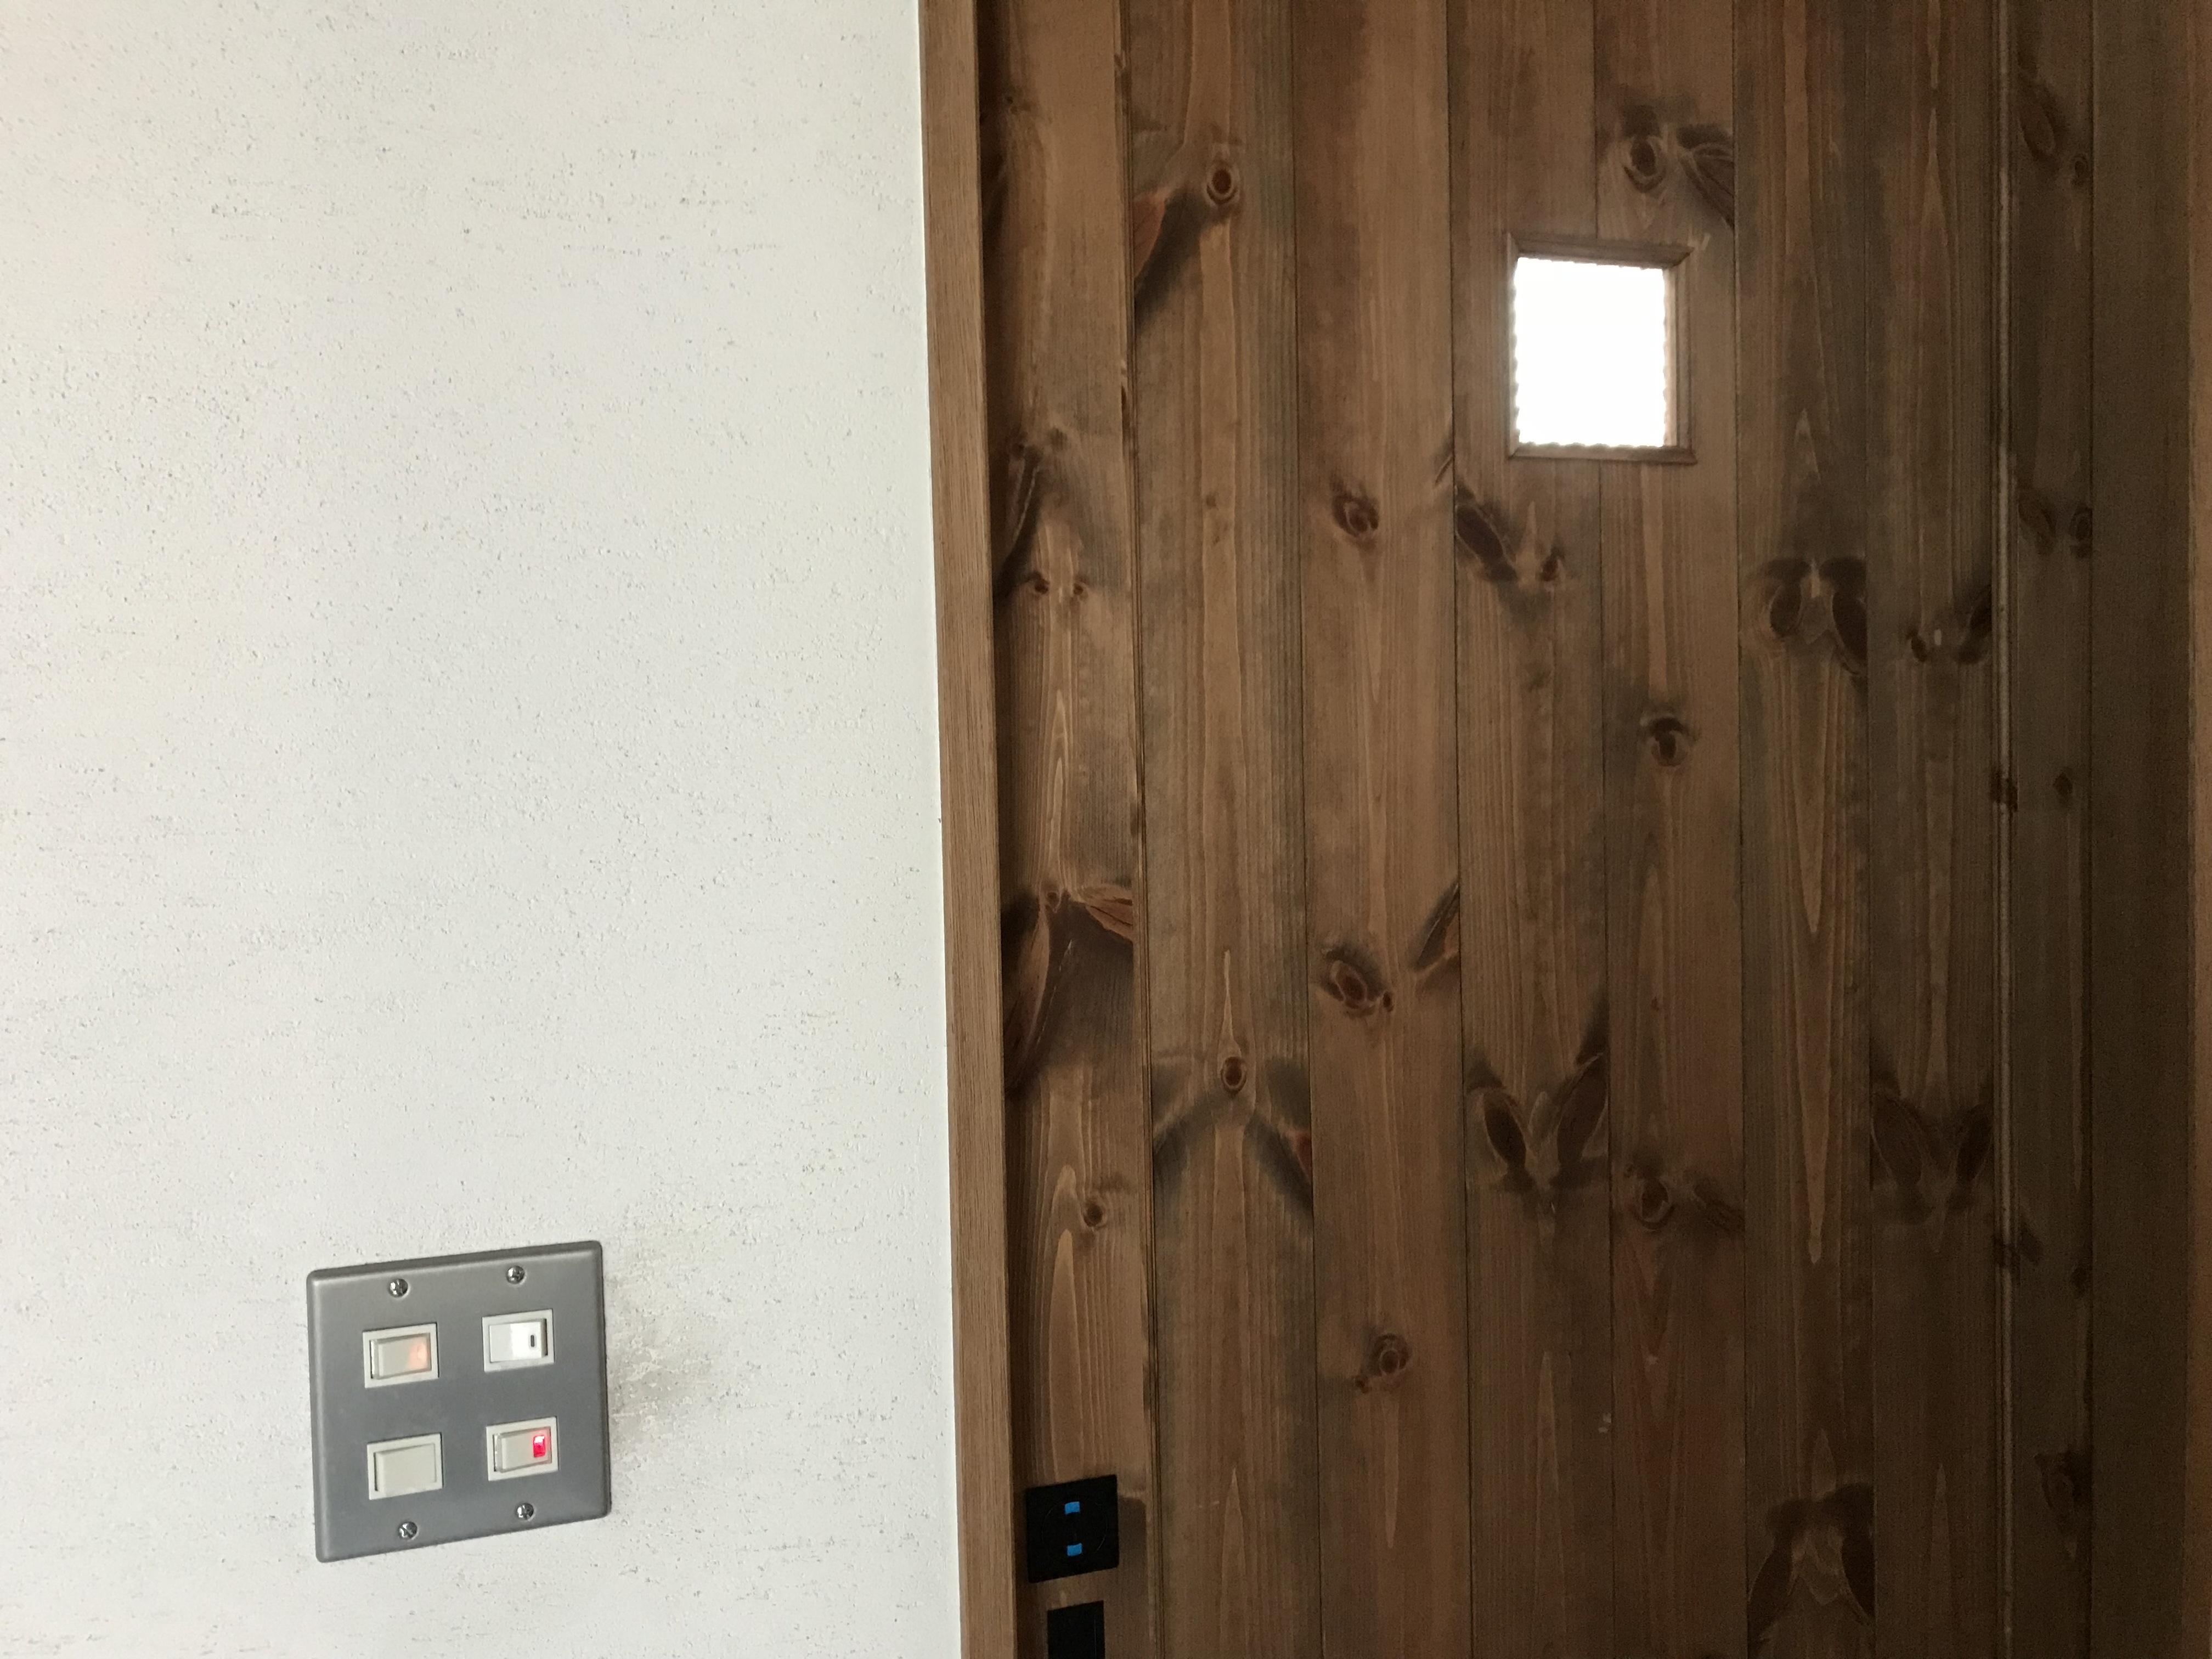 珪藻土の壁についた手垢や汚れをキレイにする方法 塗り壁の掃除は大変